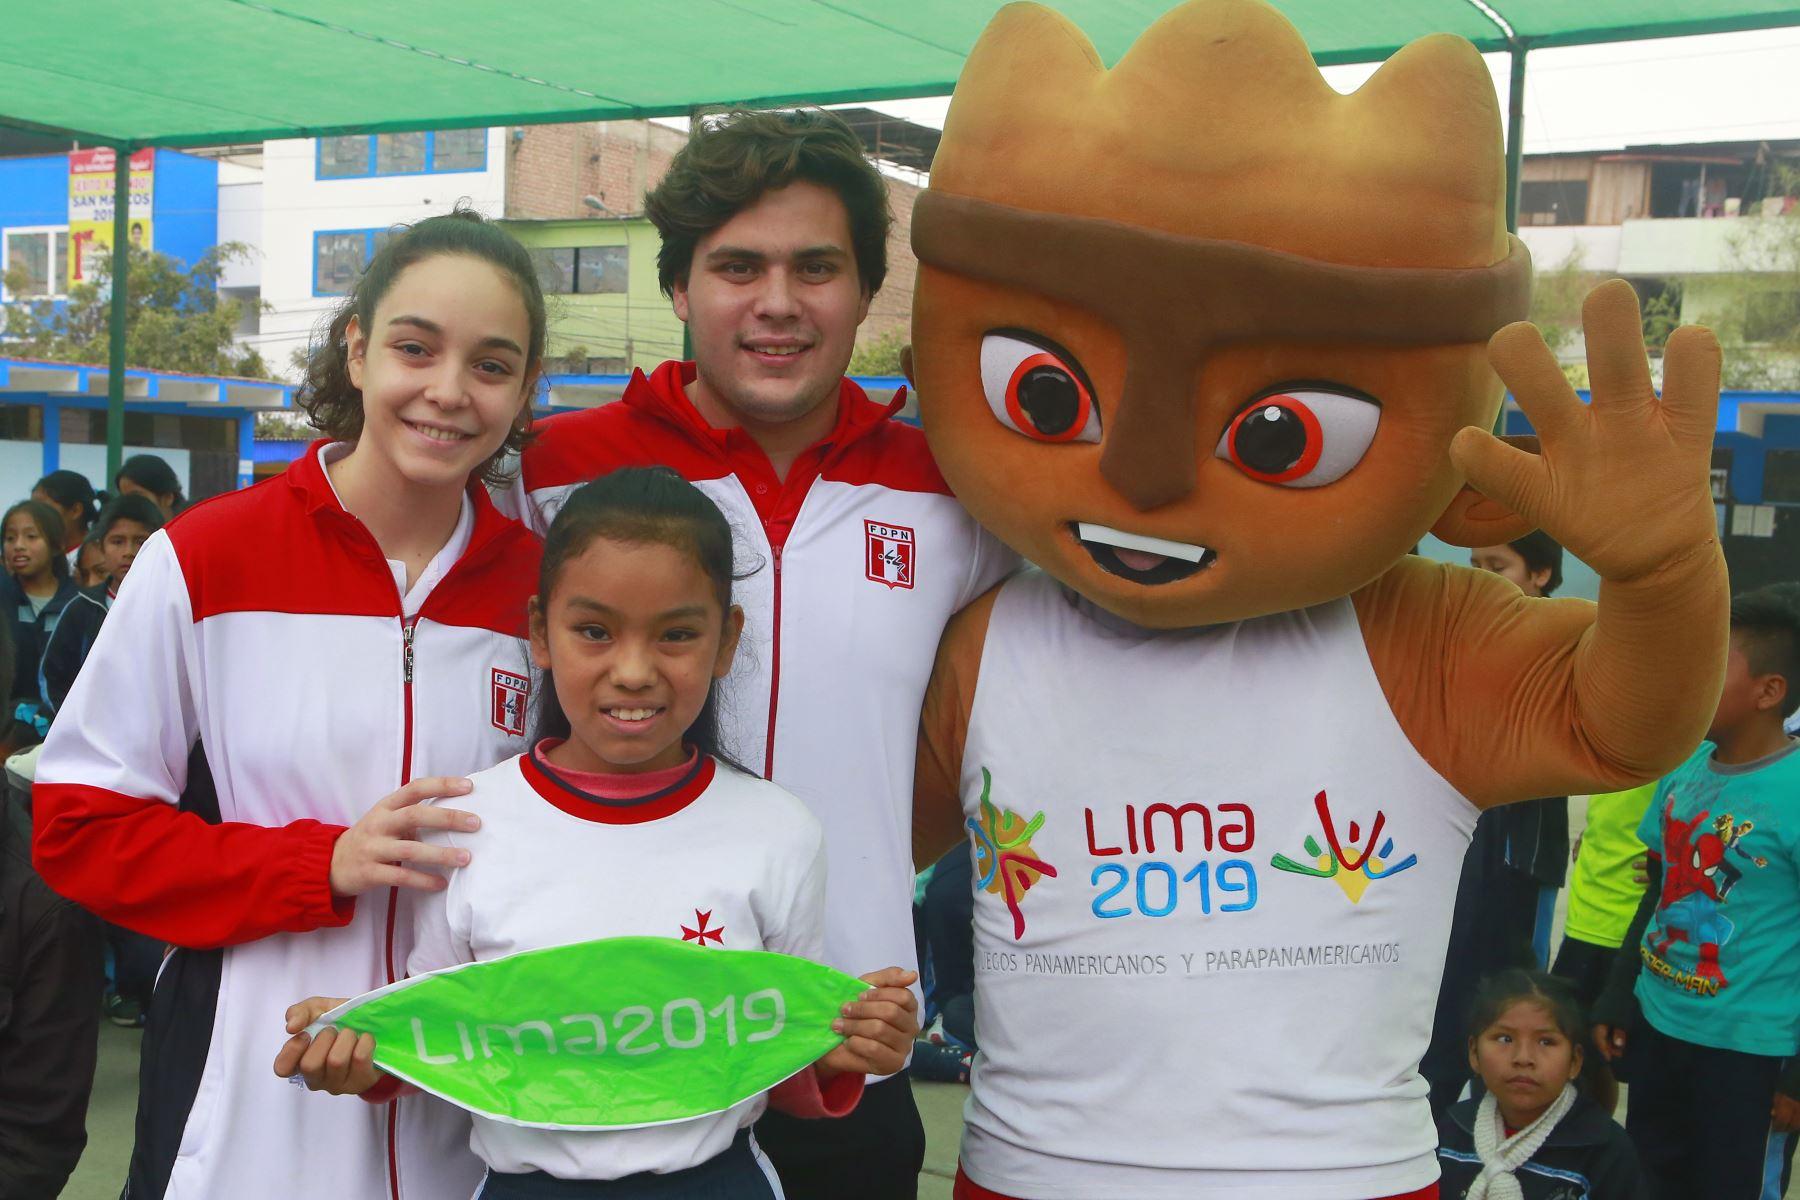 Juegos 2019 generan expectativa en la población.Foto: ANDINA/Héctor Vinces